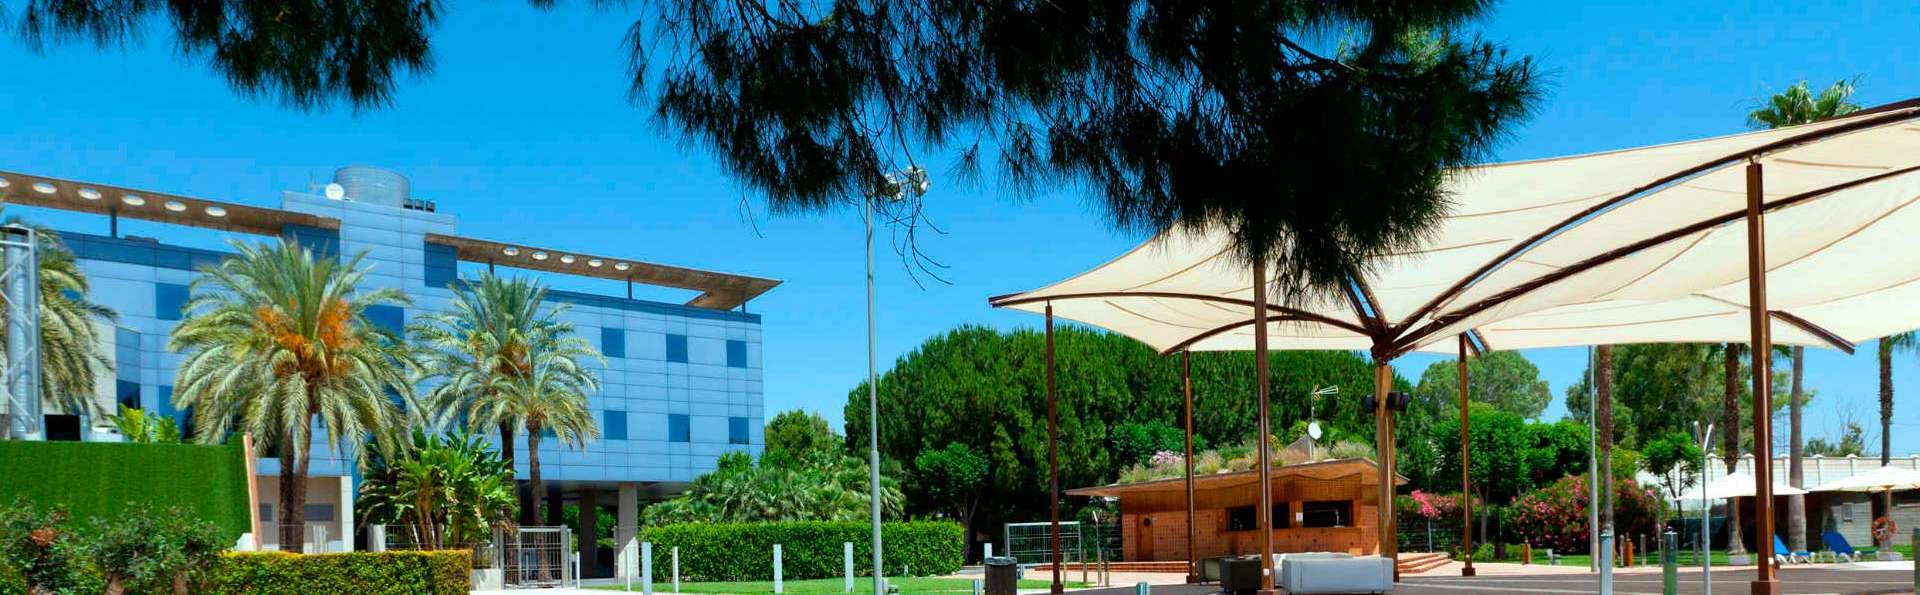 Hotel Jardines de Amaltea - EDIT_EXTERIOR_01.jpg